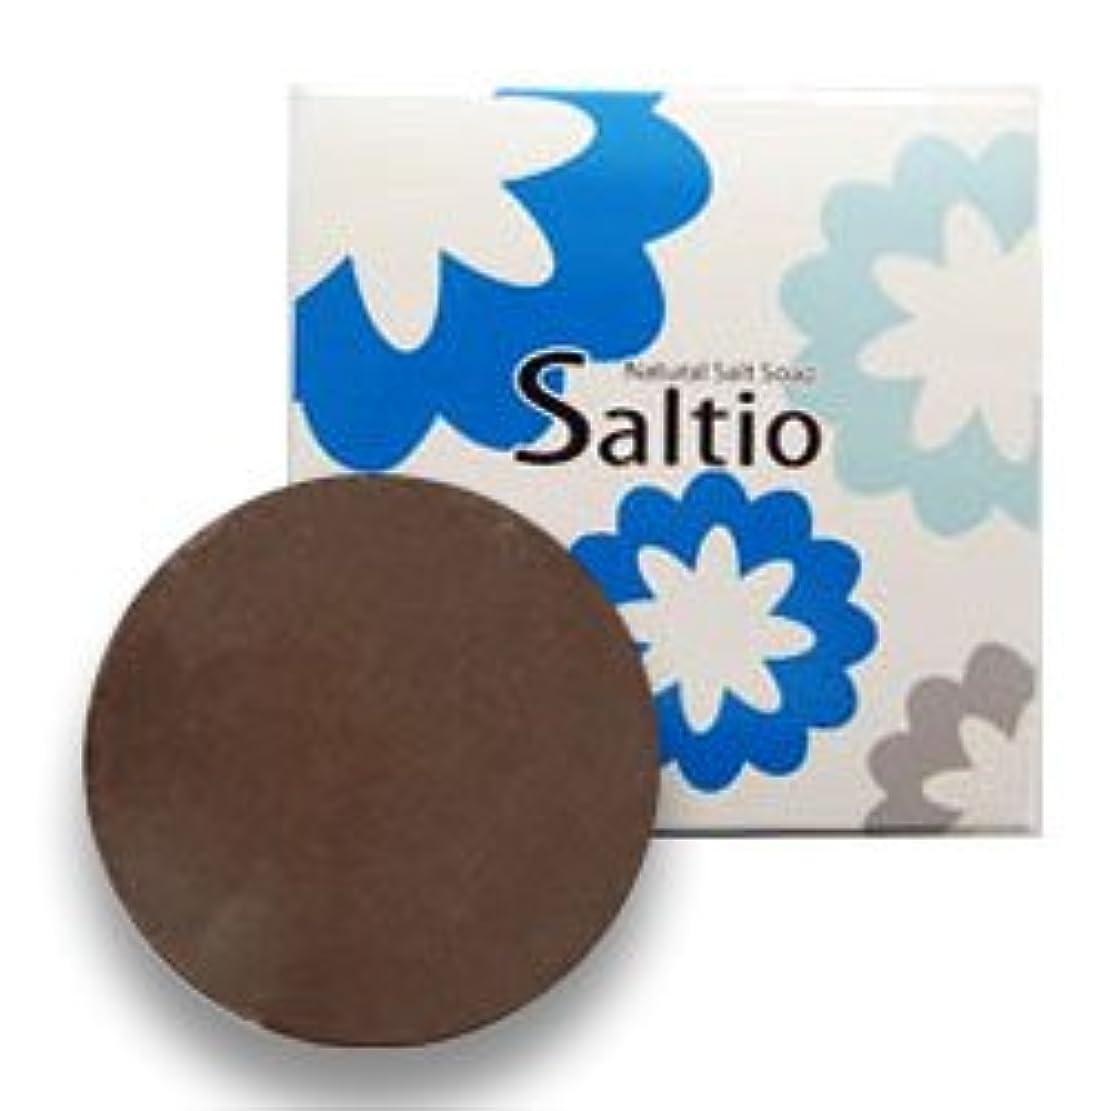 懸念普遍的な王位無添加 石鹸 Saltio ソルティオ 泡立てネット 付き ( 洗顔?浴用 石けん ) 80g  / デオドラント